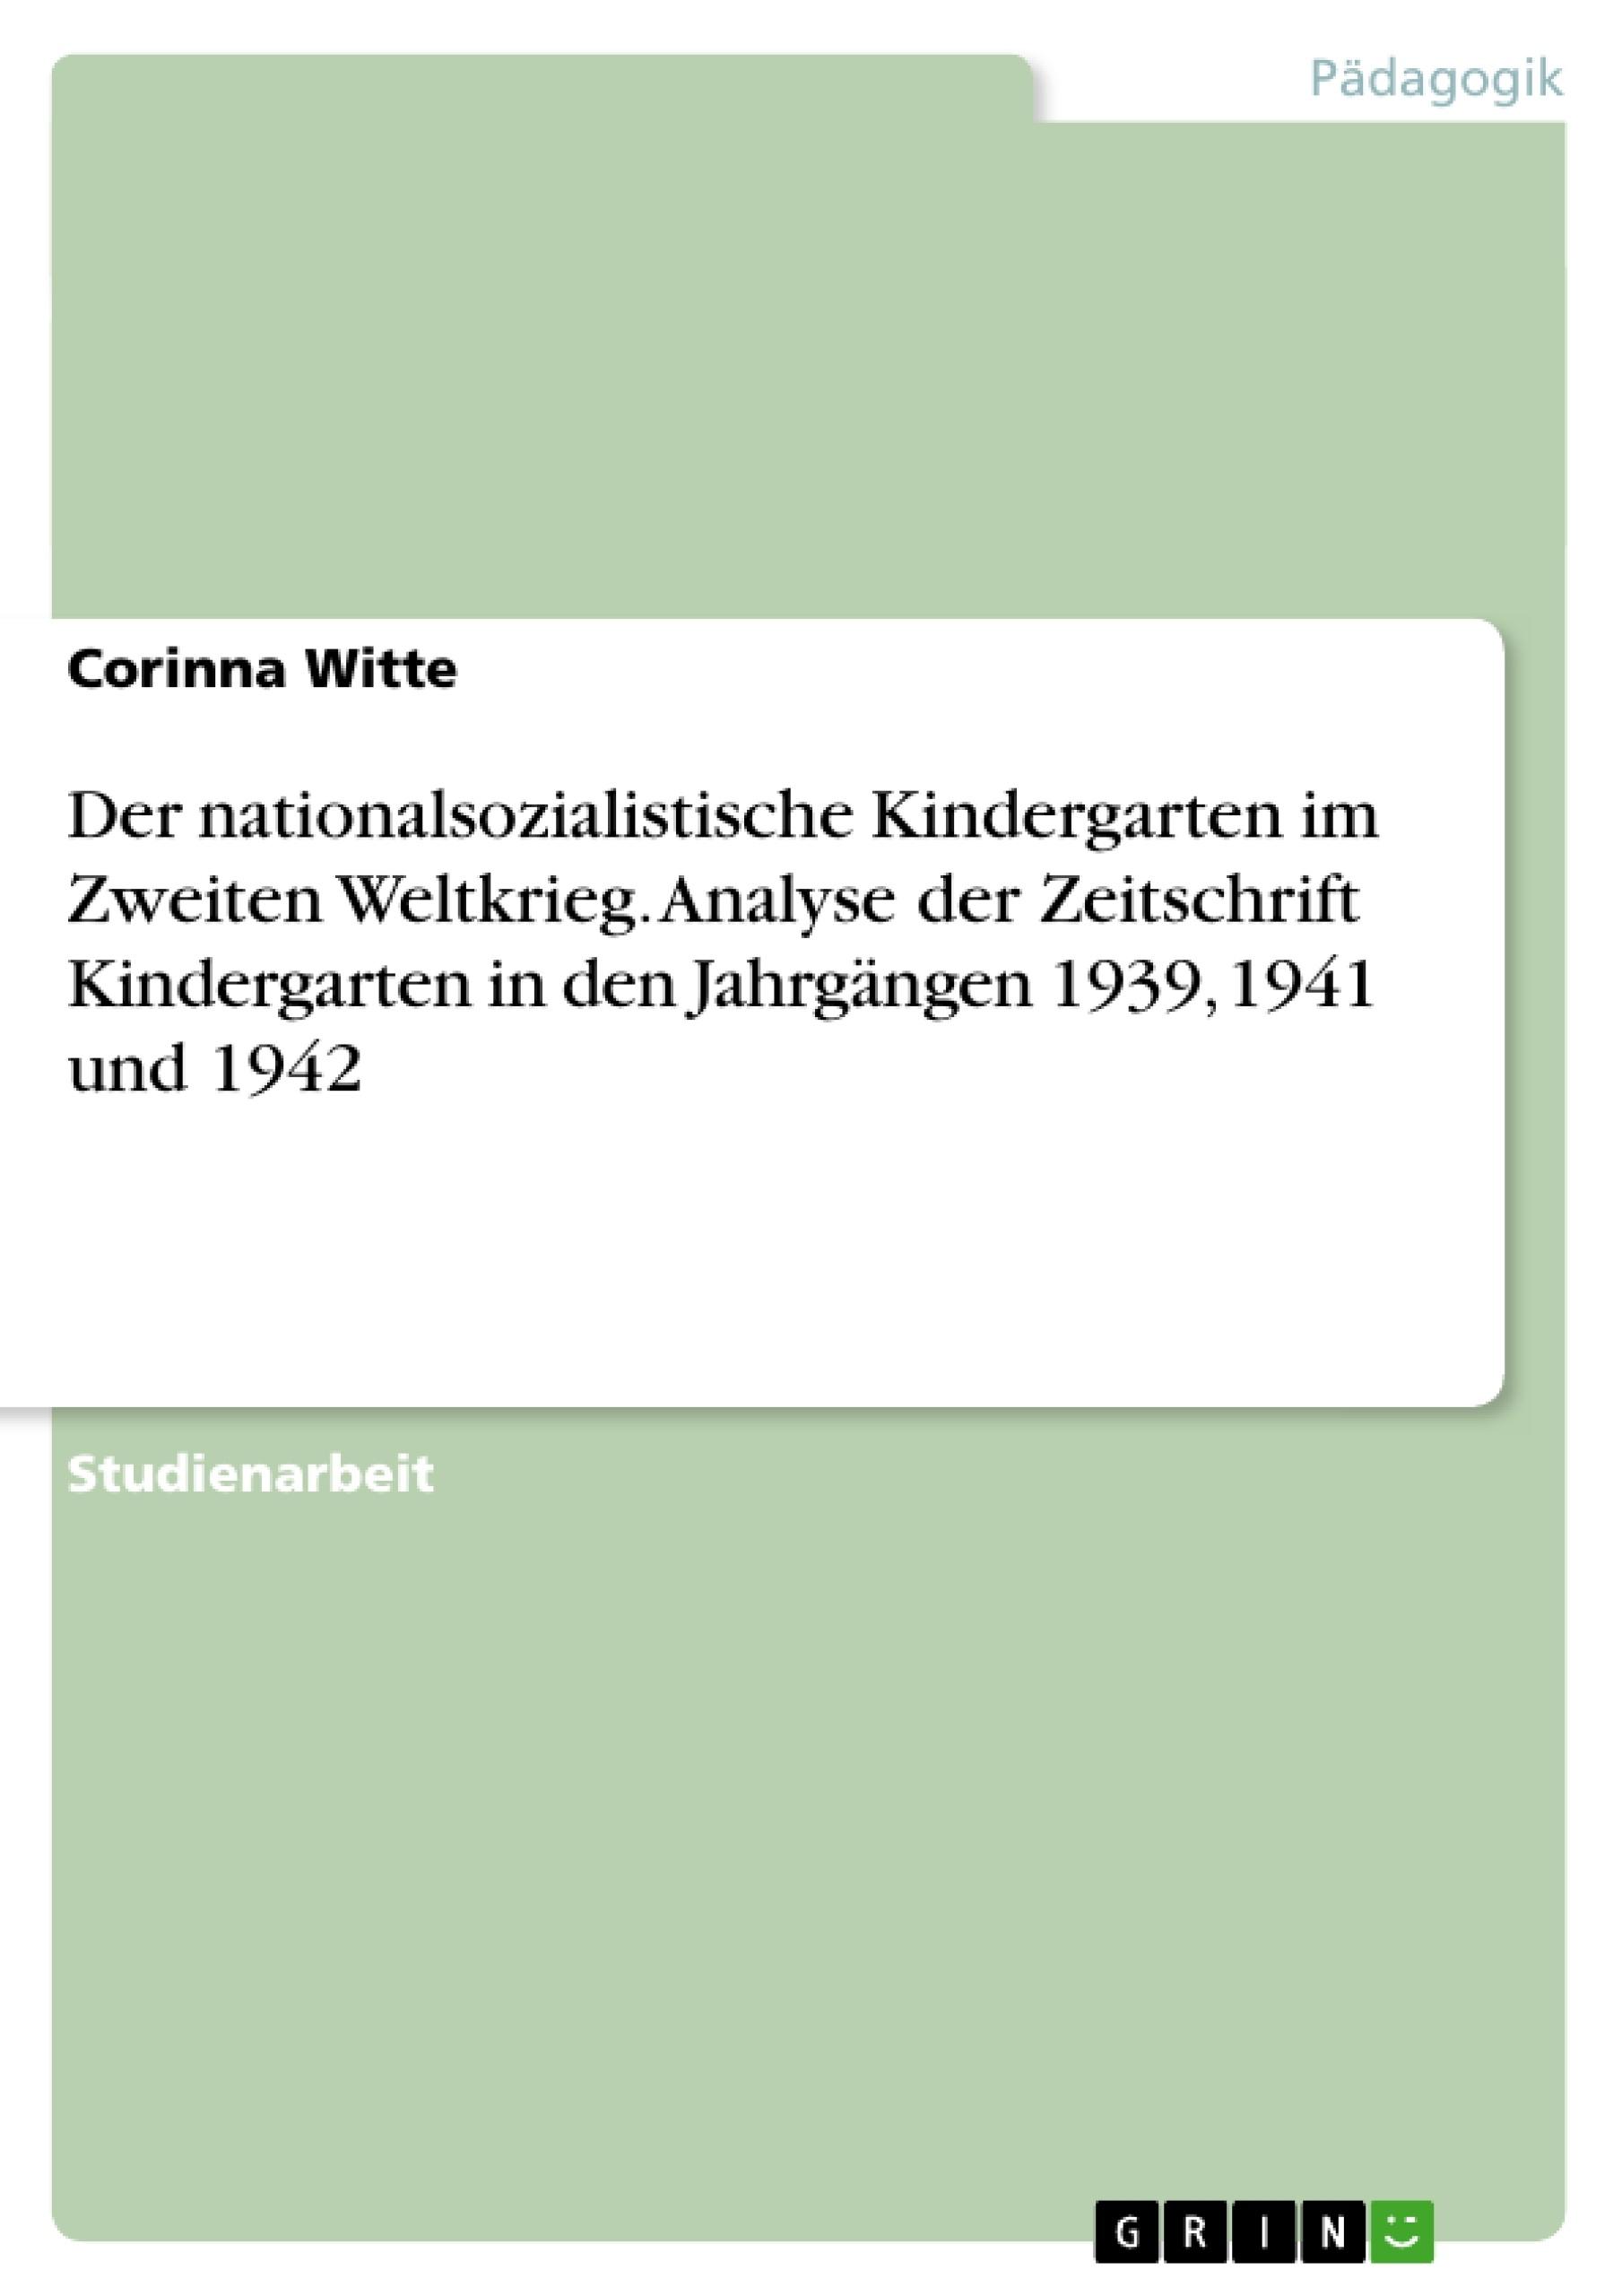 Titel: Der nationalsozialistische Kindergarten im Zweiten Weltkrieg. Analyse der Zeitschrift Kindergarten in den Jahrgängen 1939, 1941 und 1942